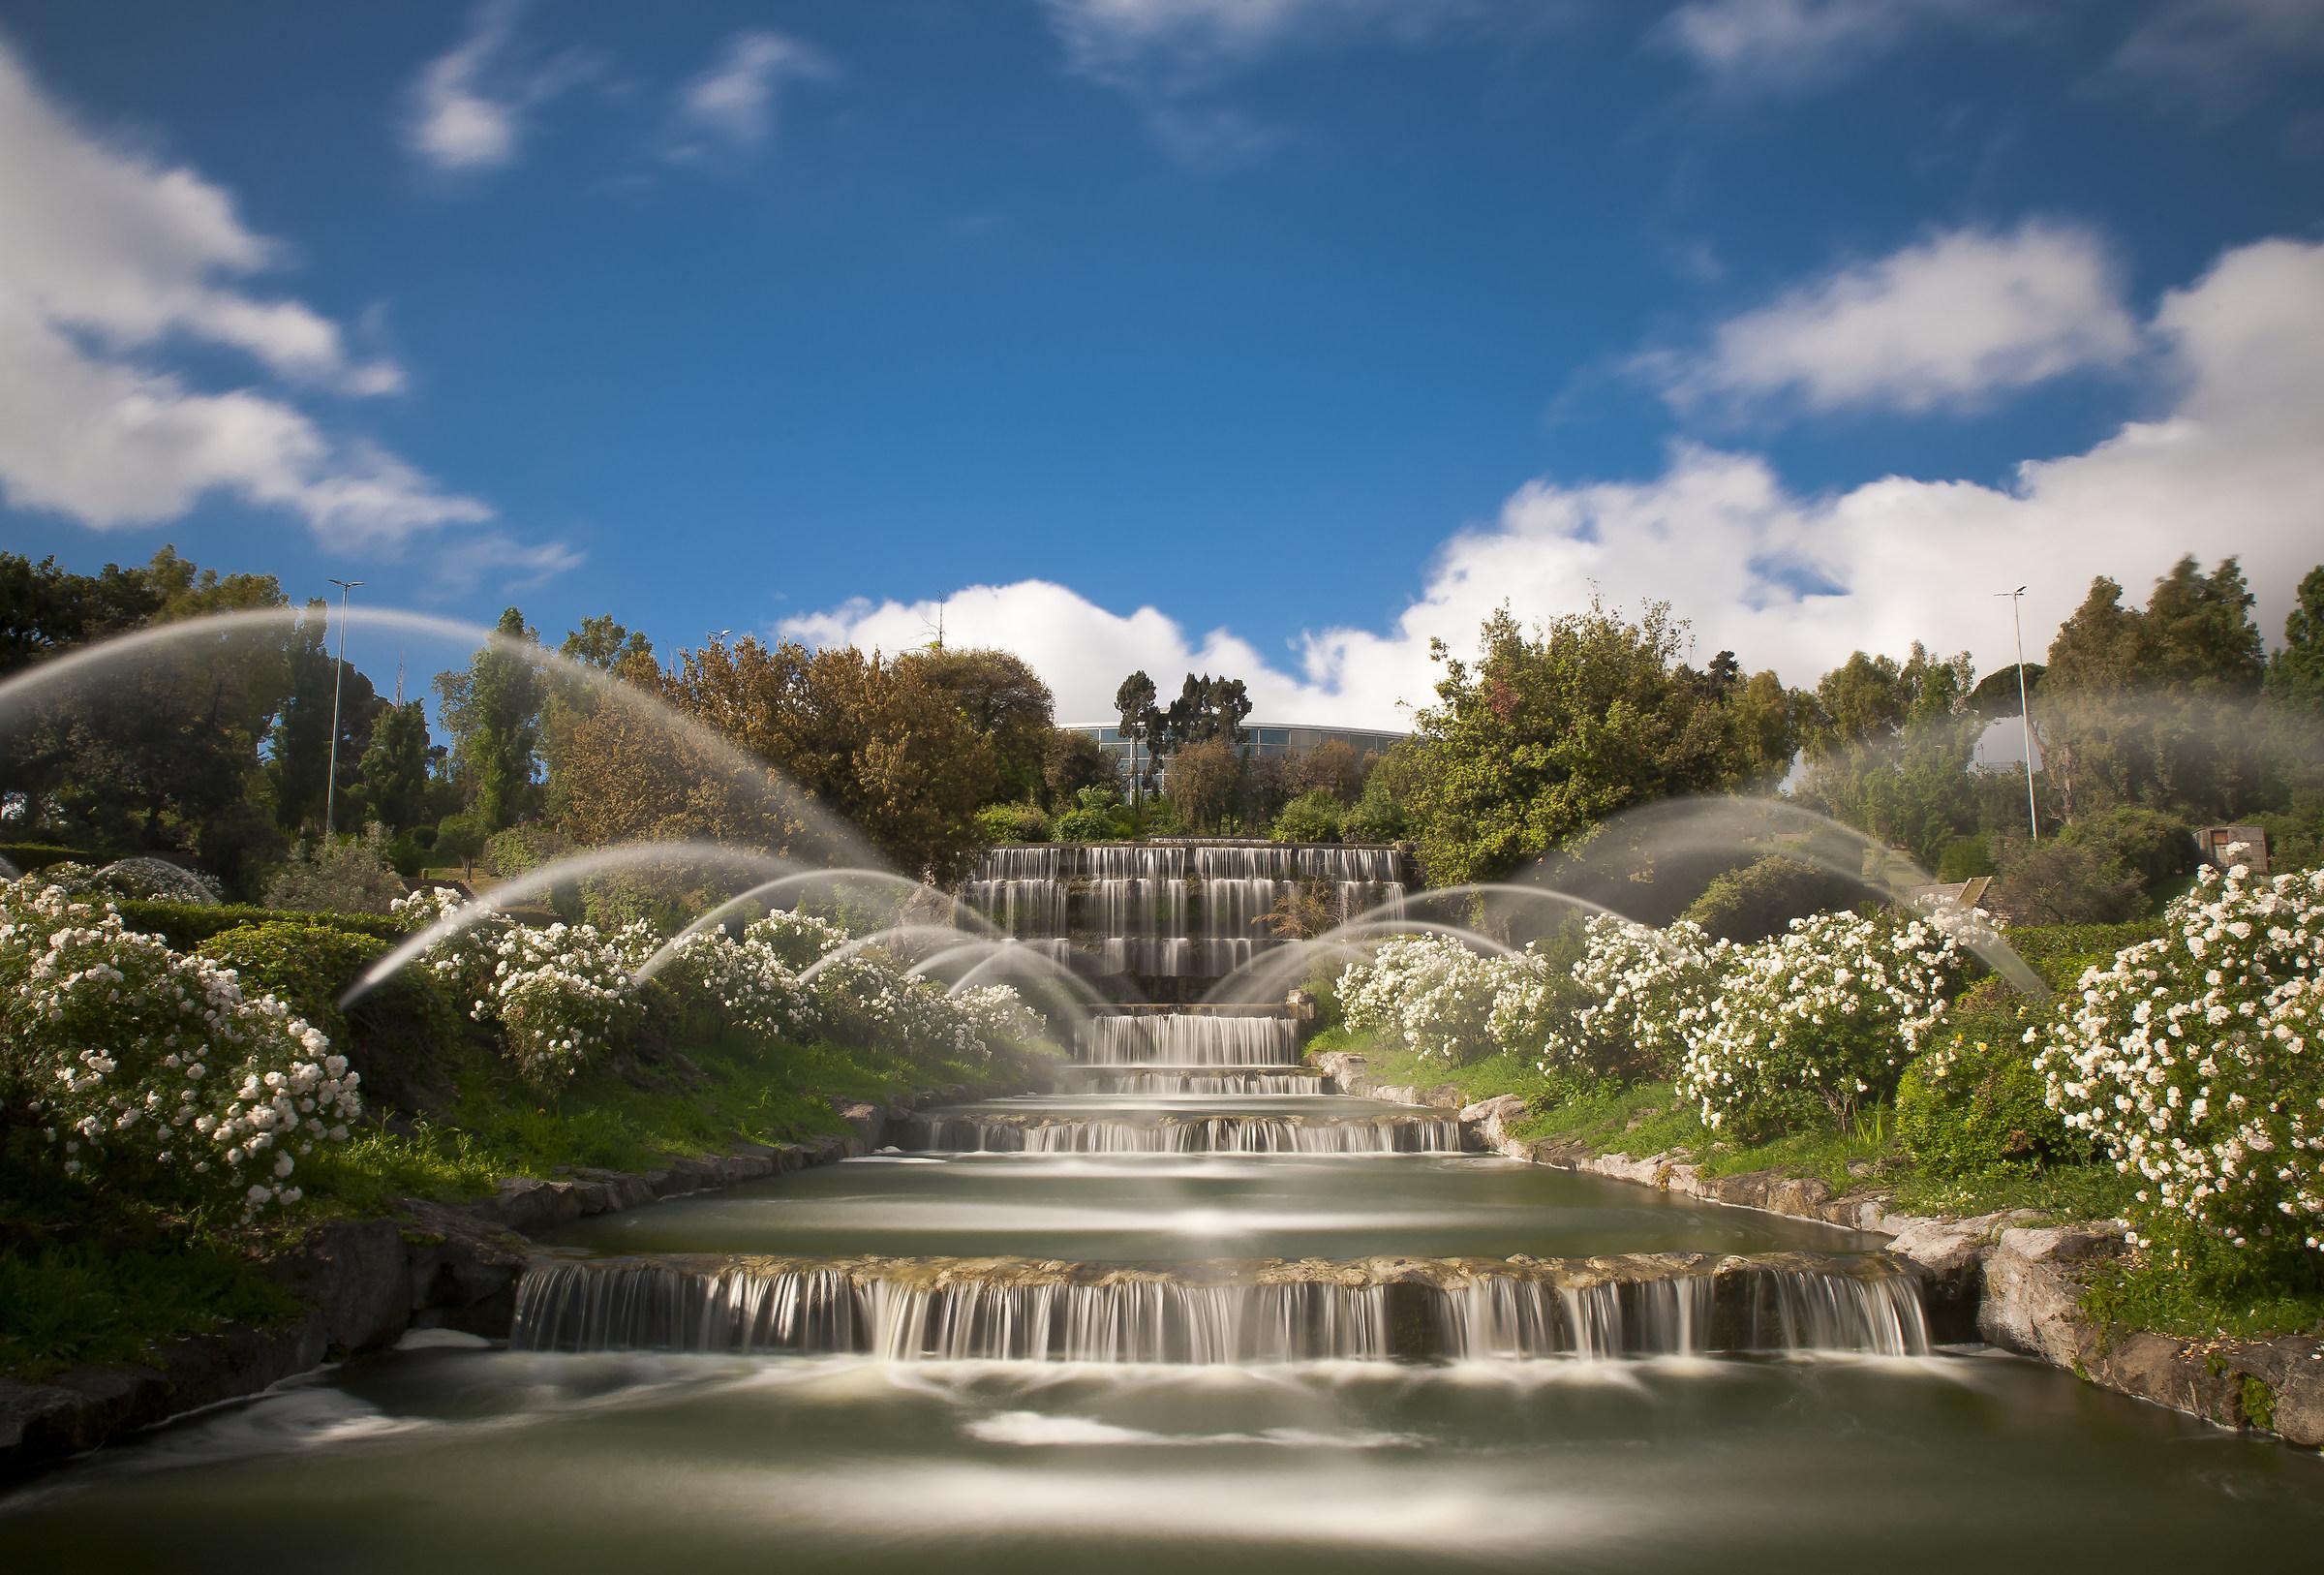 Giardino della cascate al laghetto dell'Eur...